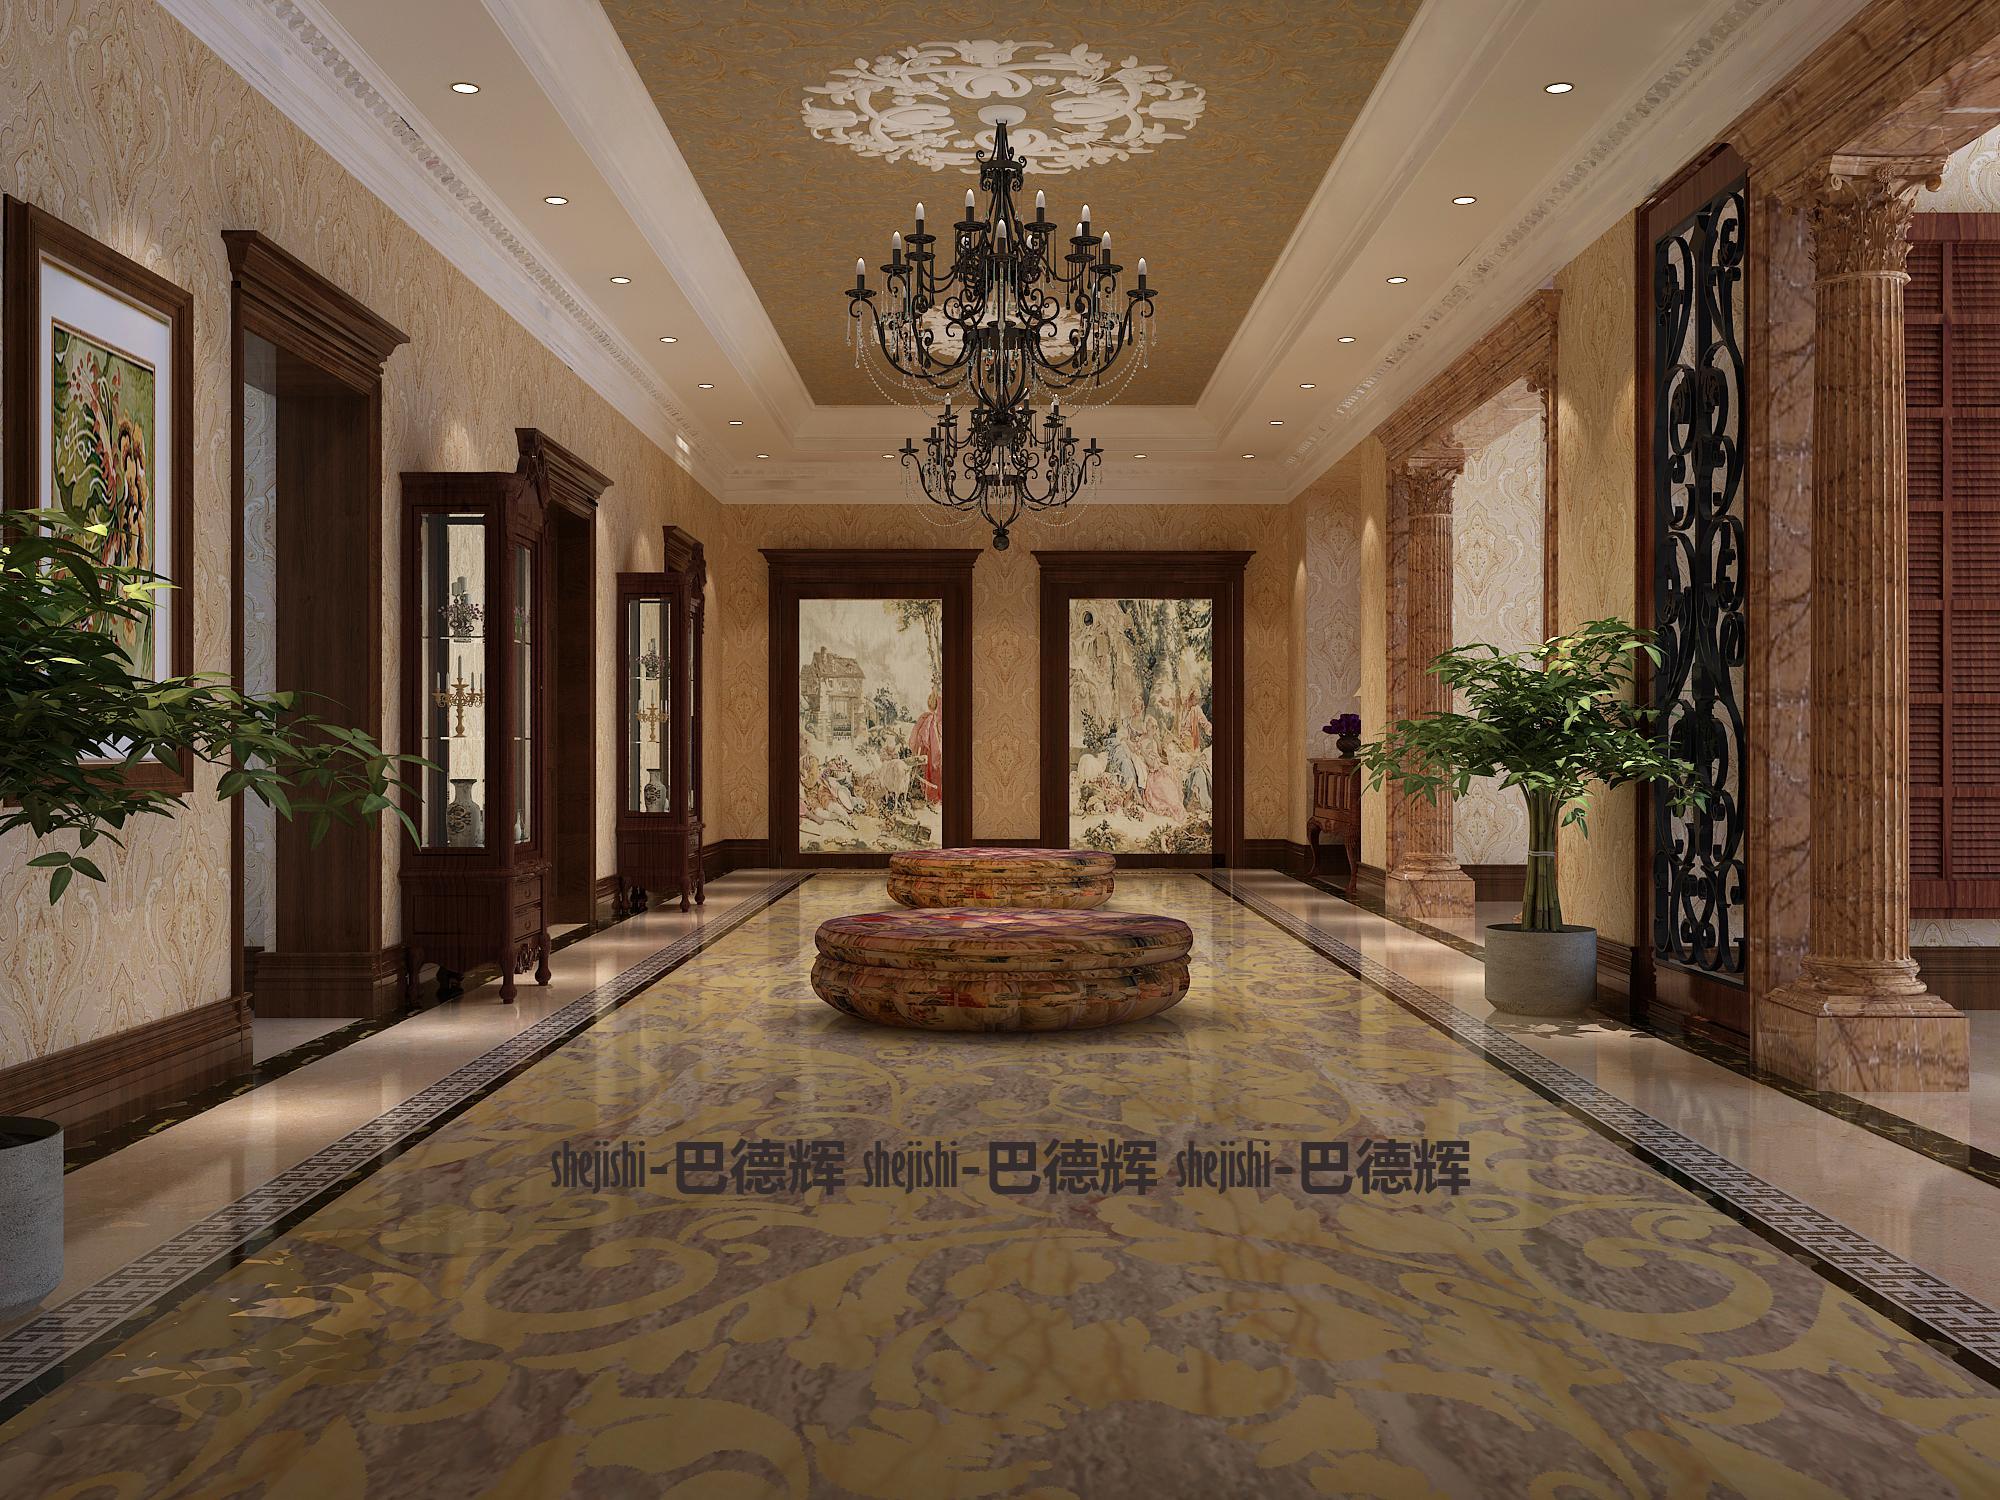 古典 别墅 典雅、端庄 时代特征 其他图片来自北京精诚兴业装饰公司在桃花源2的分享